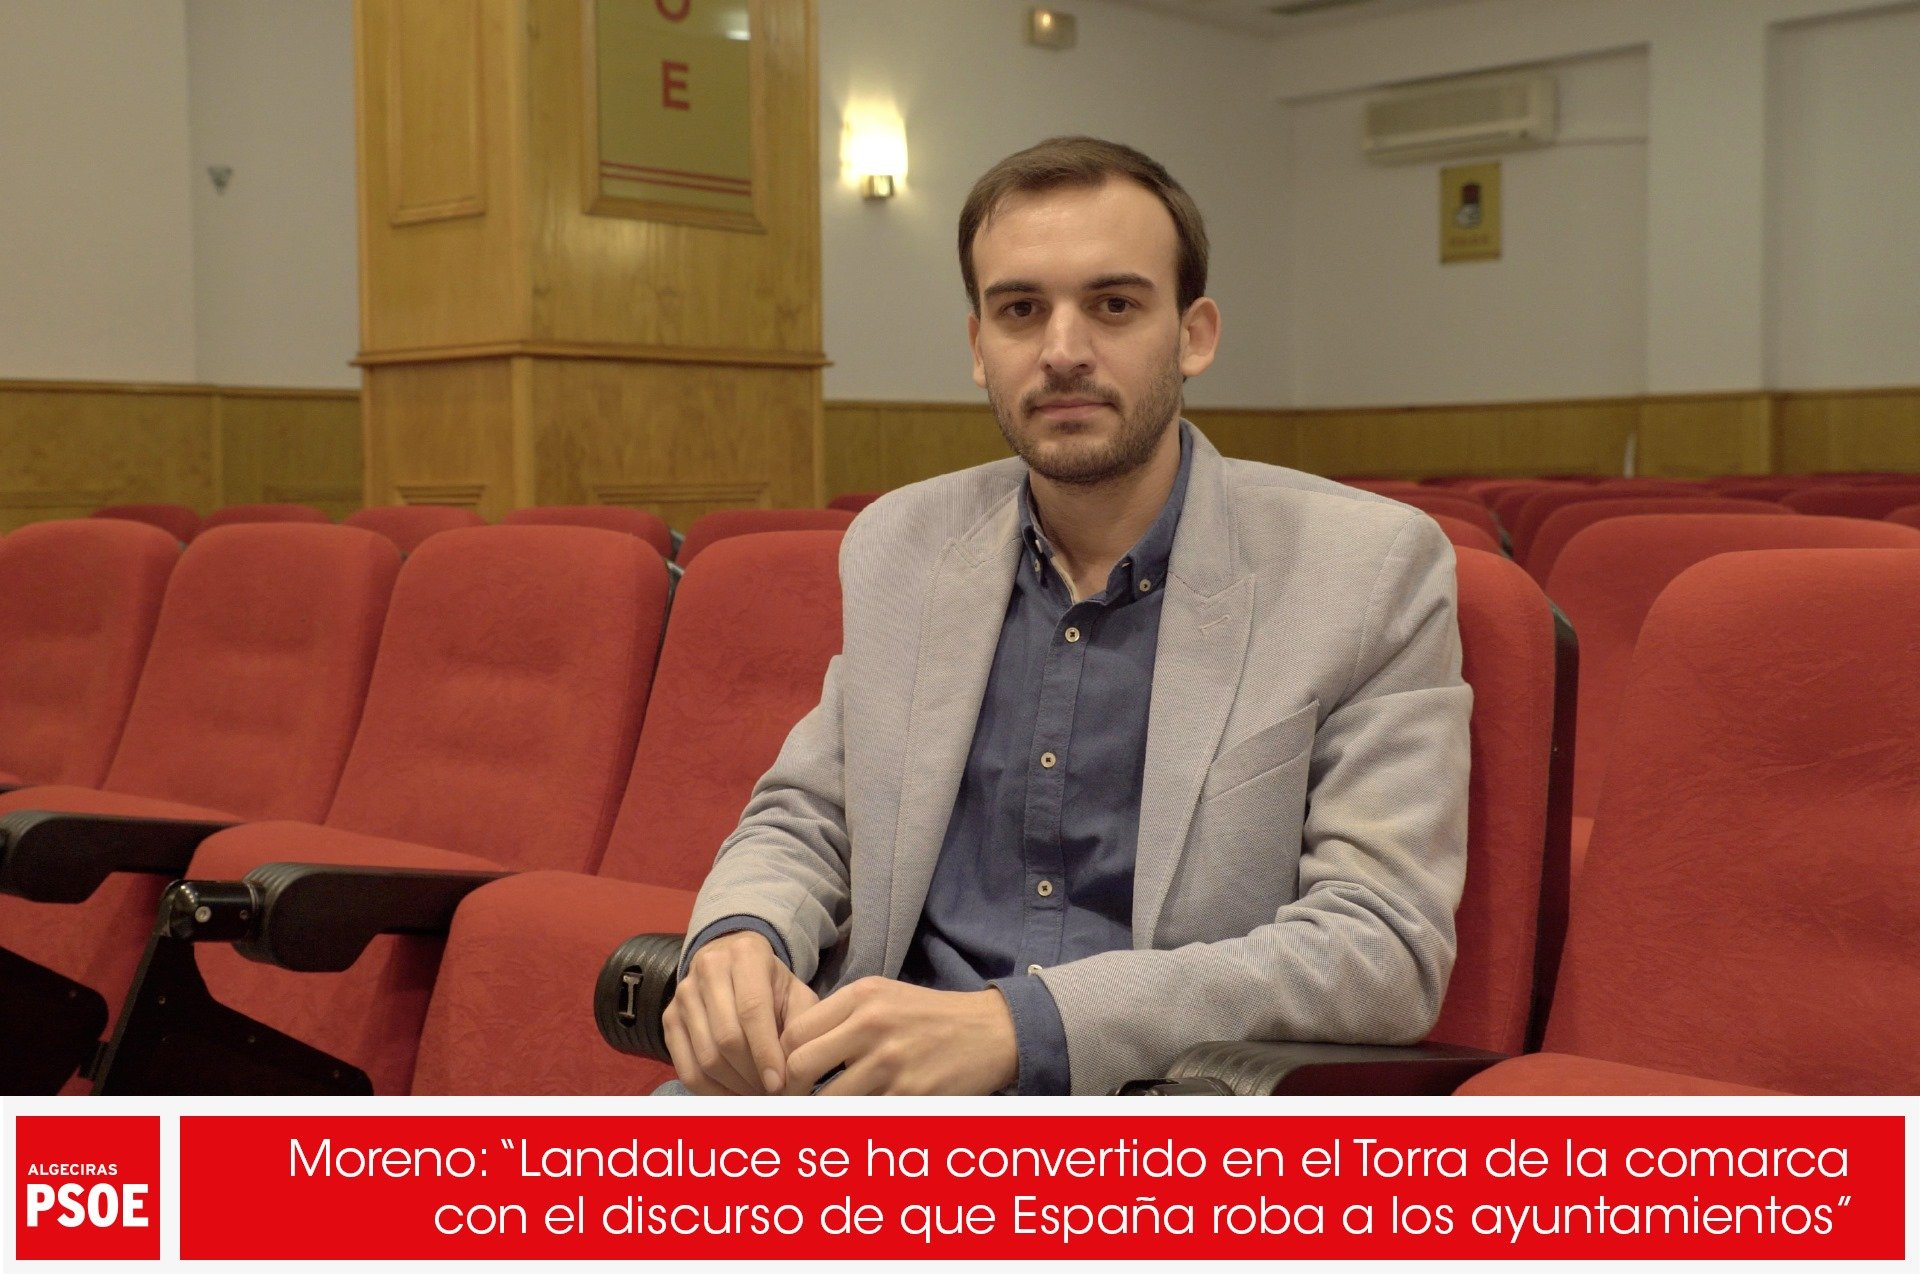 """Daniel Moreno: """"Landaluce se ha convertido en el Torra de la comarca con el discurso de que España roba a los ayuntamientos"""""""